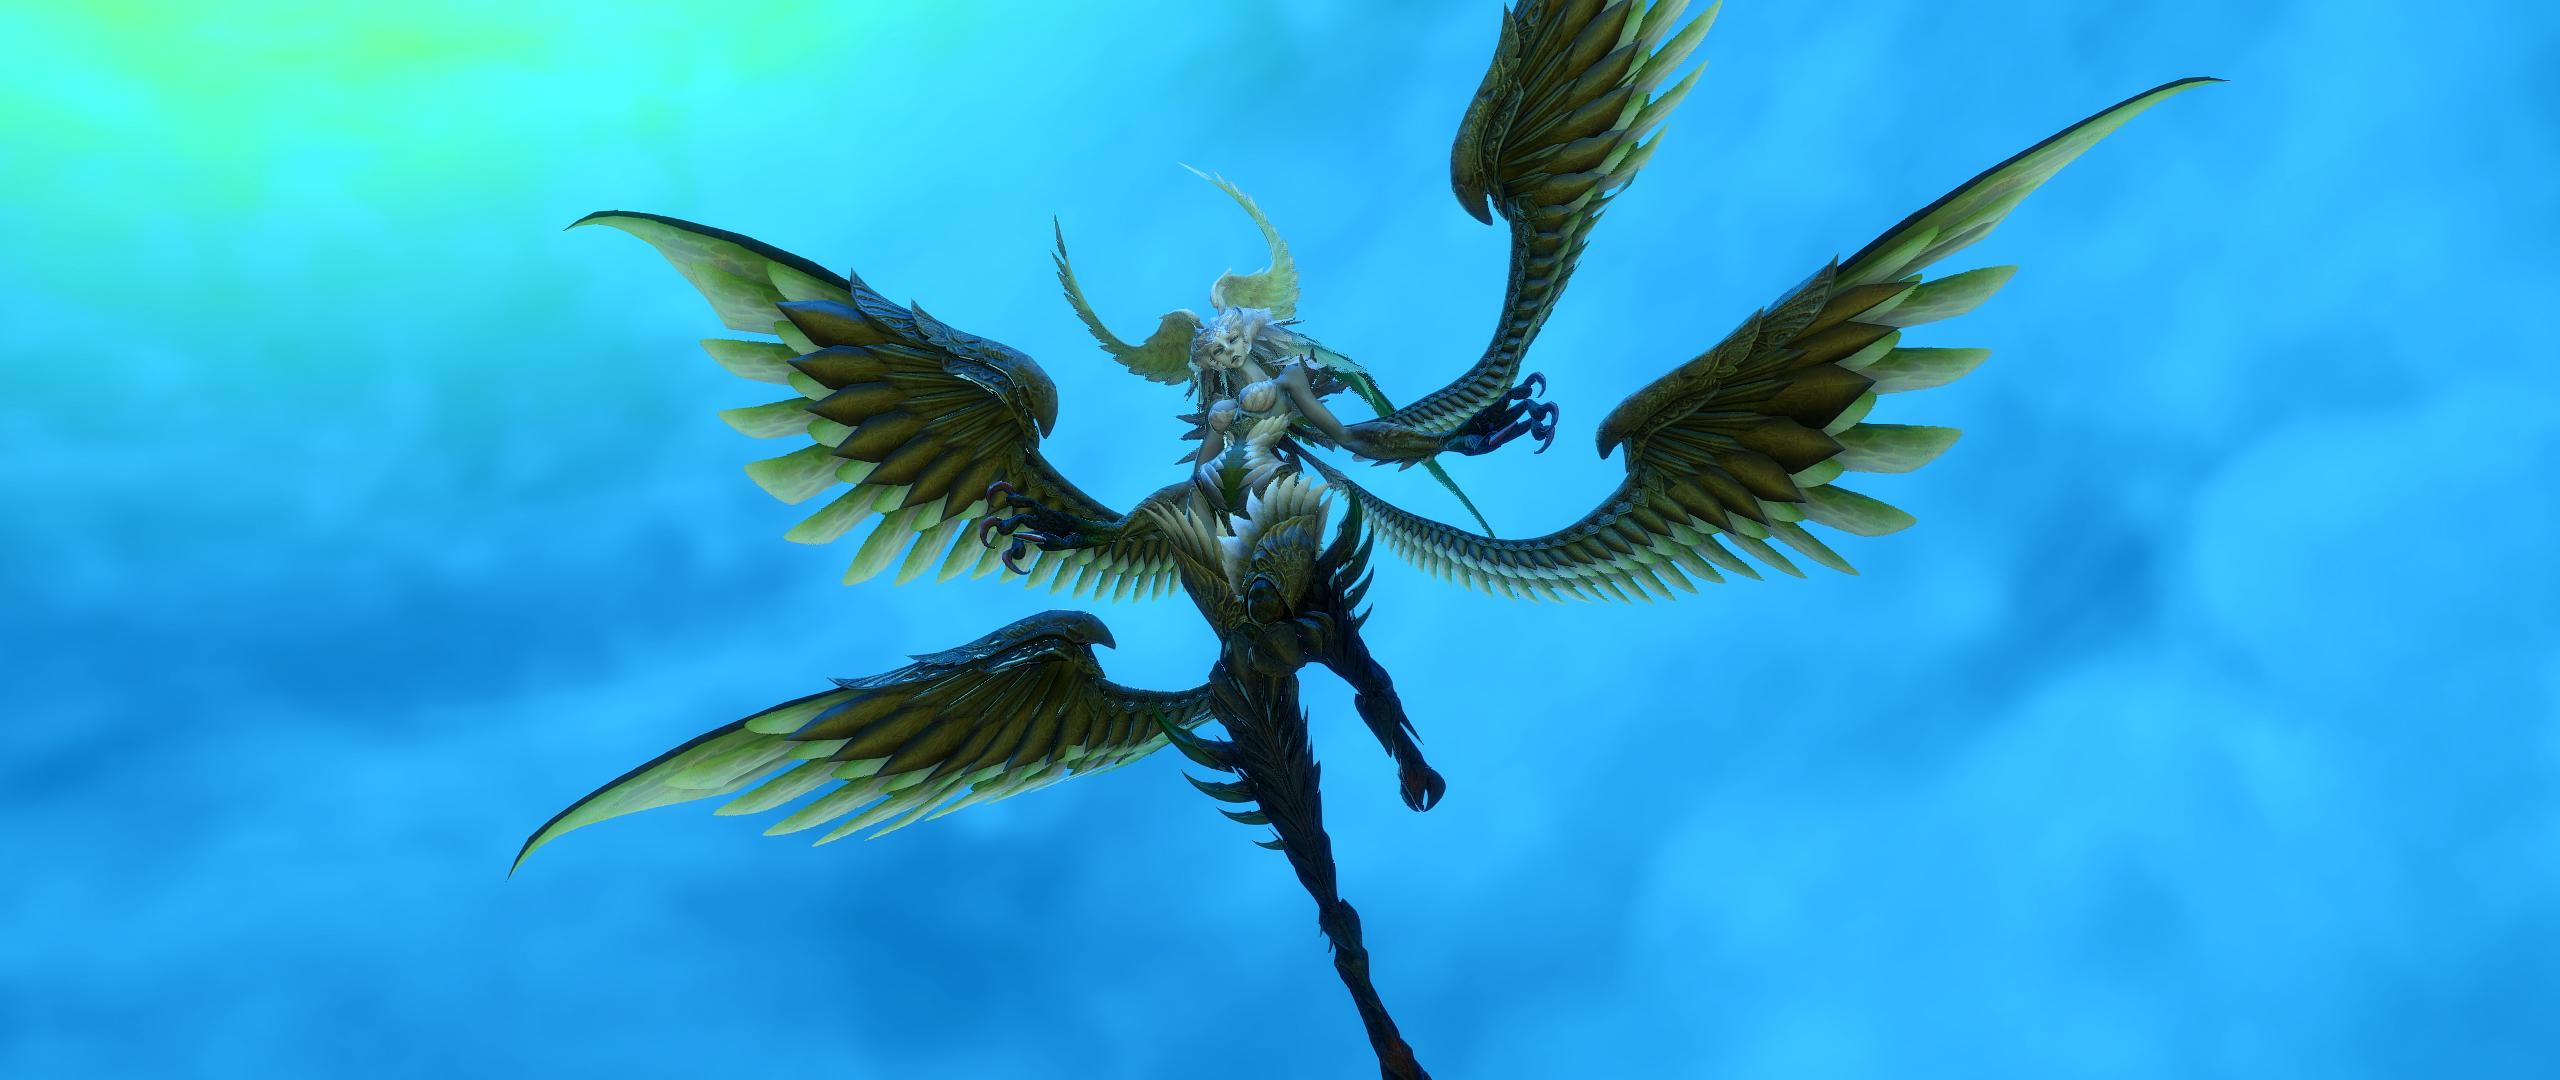 Final Fantasy XV Windows Edition Screenshot 2019.06.24 - 18.21.28.23.png - Final Fantasy 15